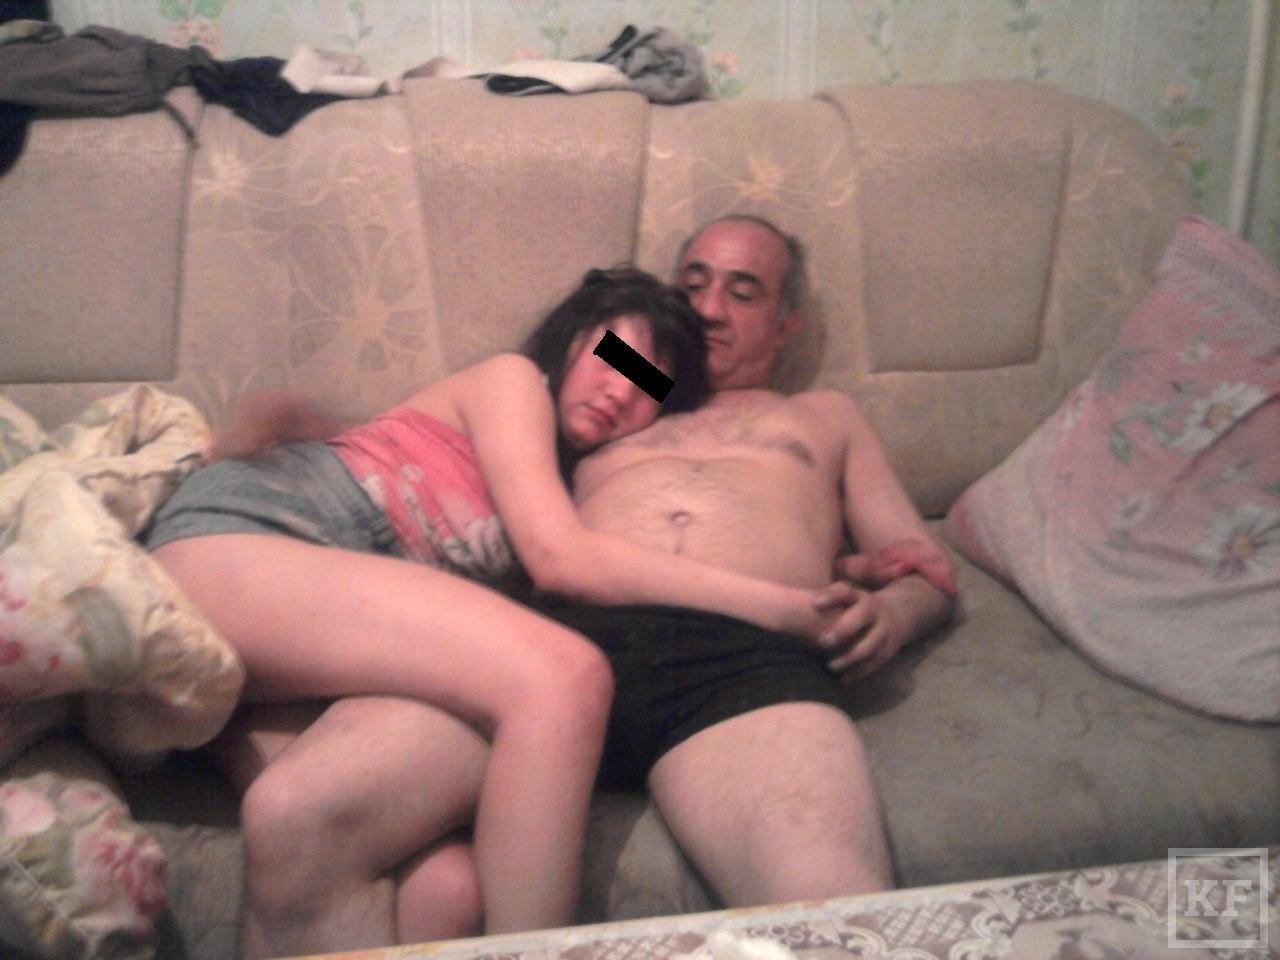 В Татарстане возросло число преступлений против половой неприкосновенности несовершеннолетних. Сажать, кастрировать или лечить педофилов?